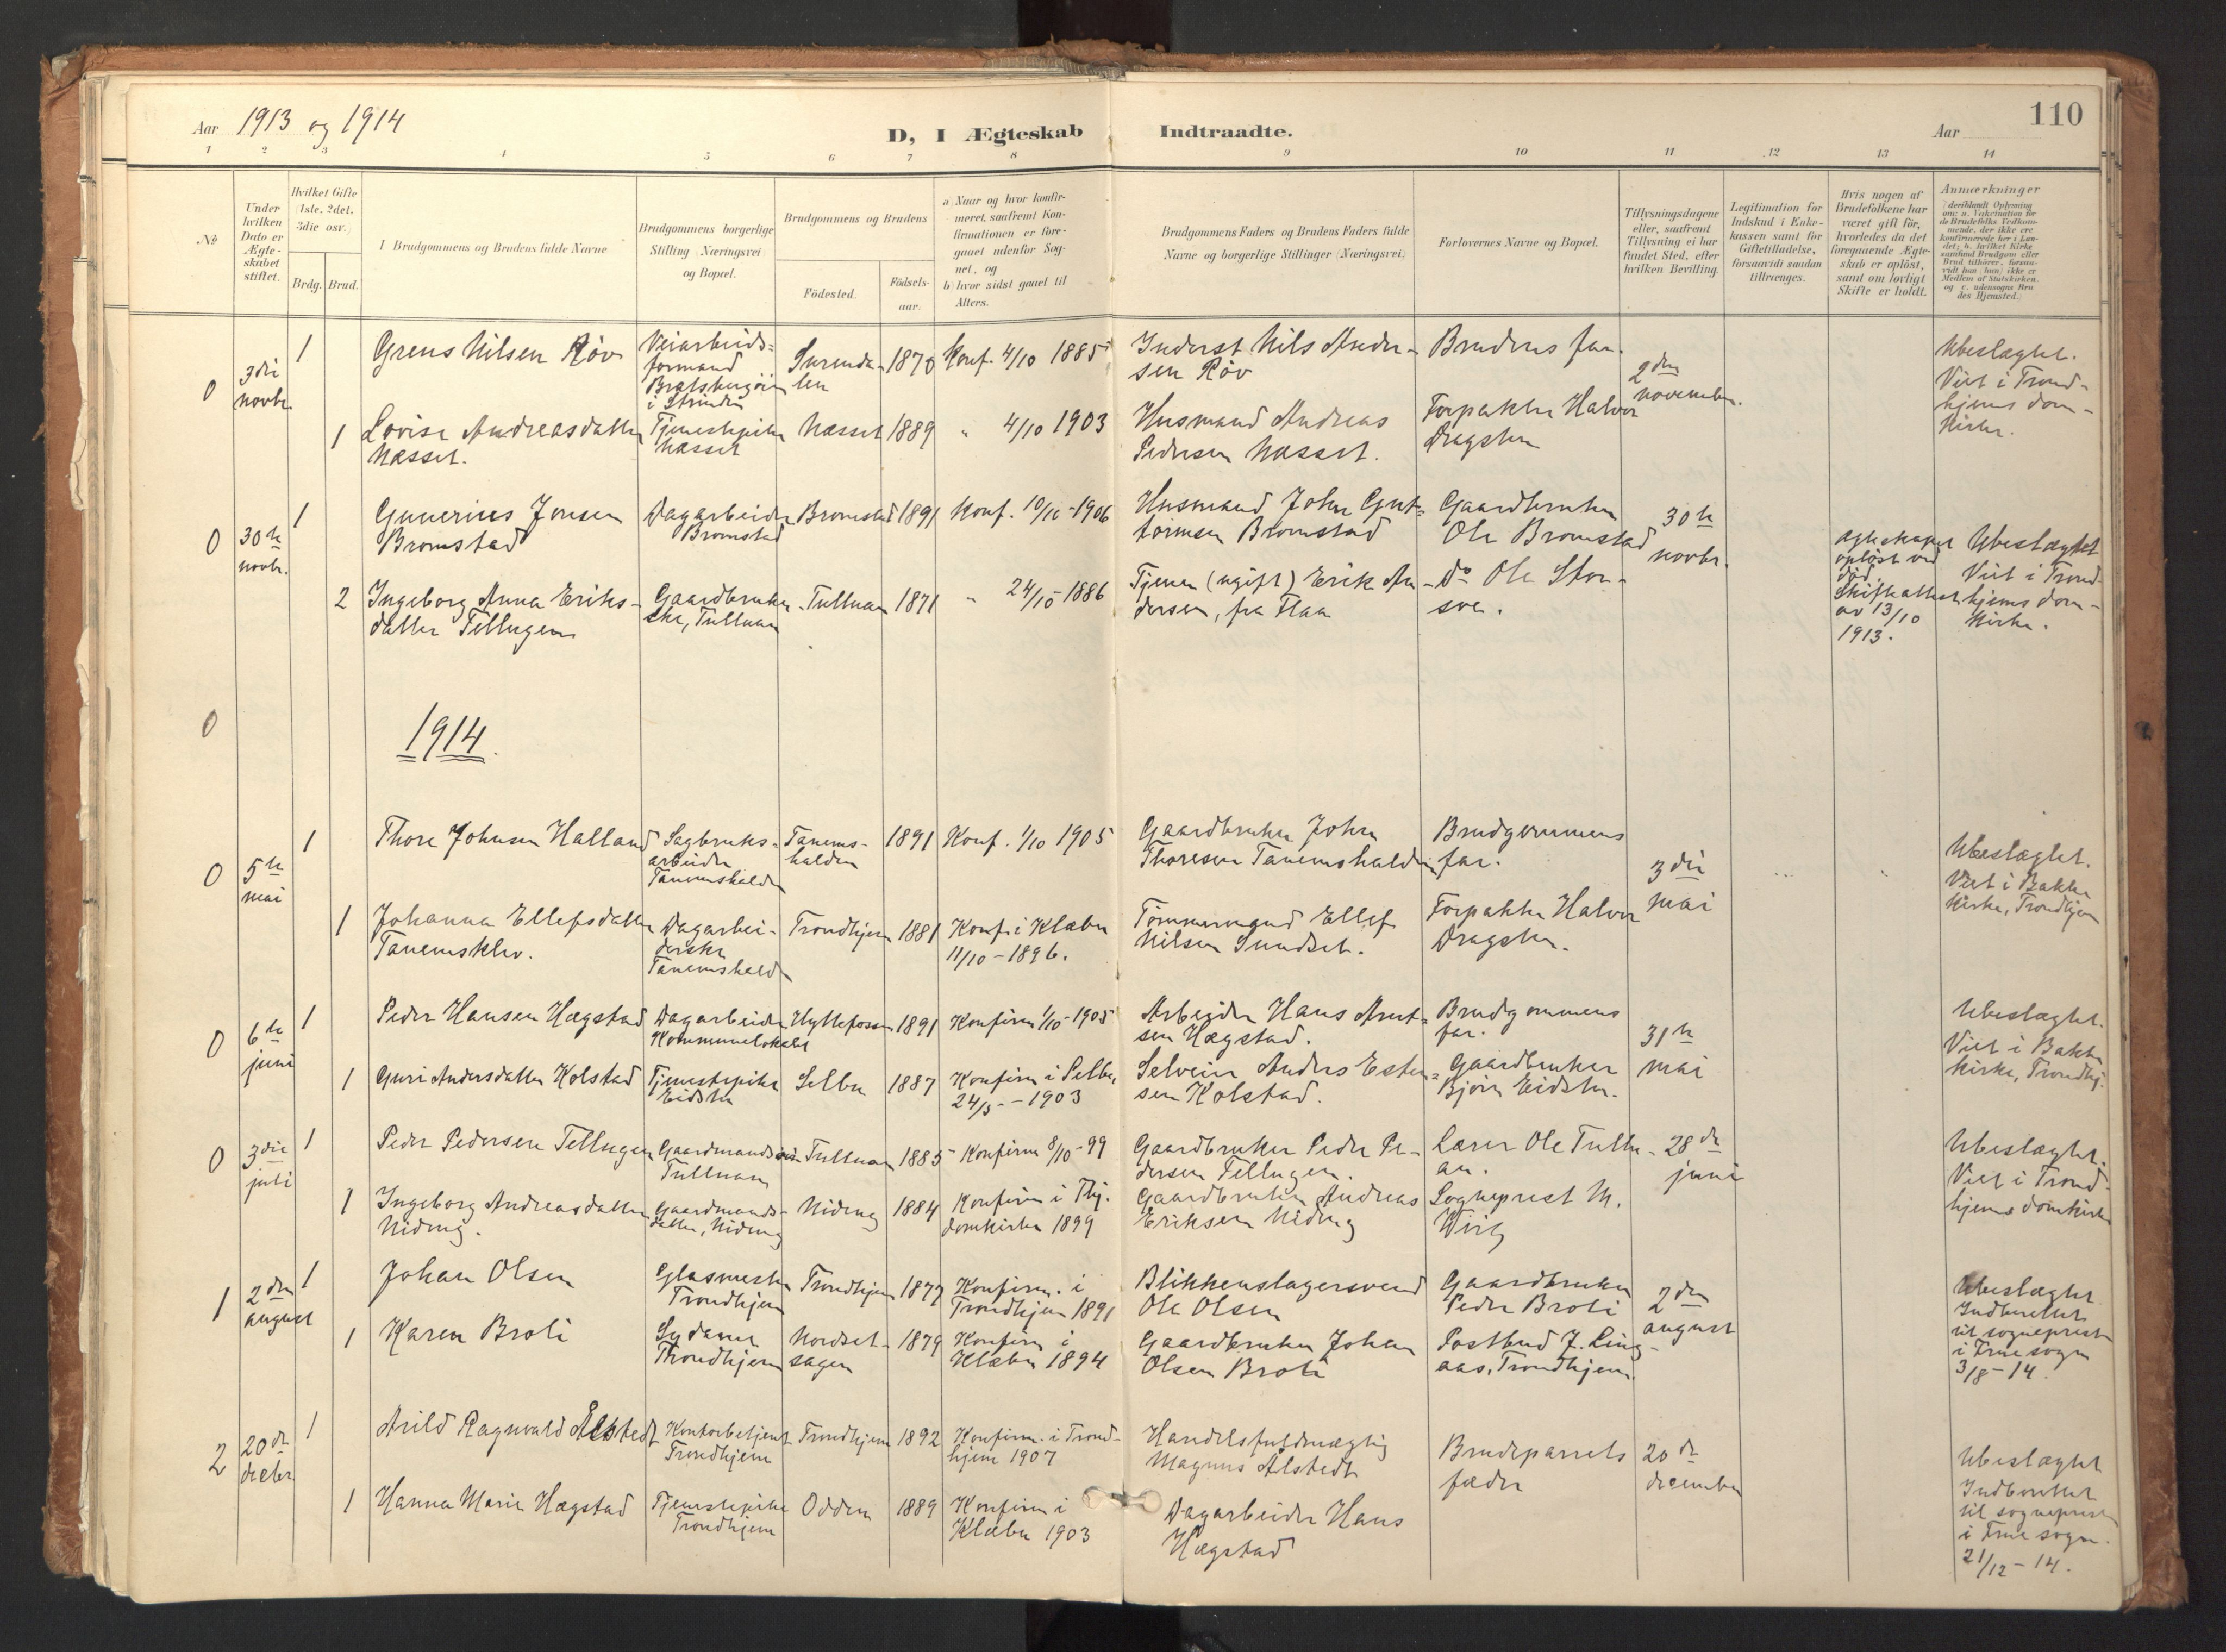 SAT, Ministerialprotokoller, klokkerbøker og fødselsregistre - Sør-Trøndelag, 618/L0448: Ministerialbok nr. 618A11, 1898-1916, s. 110